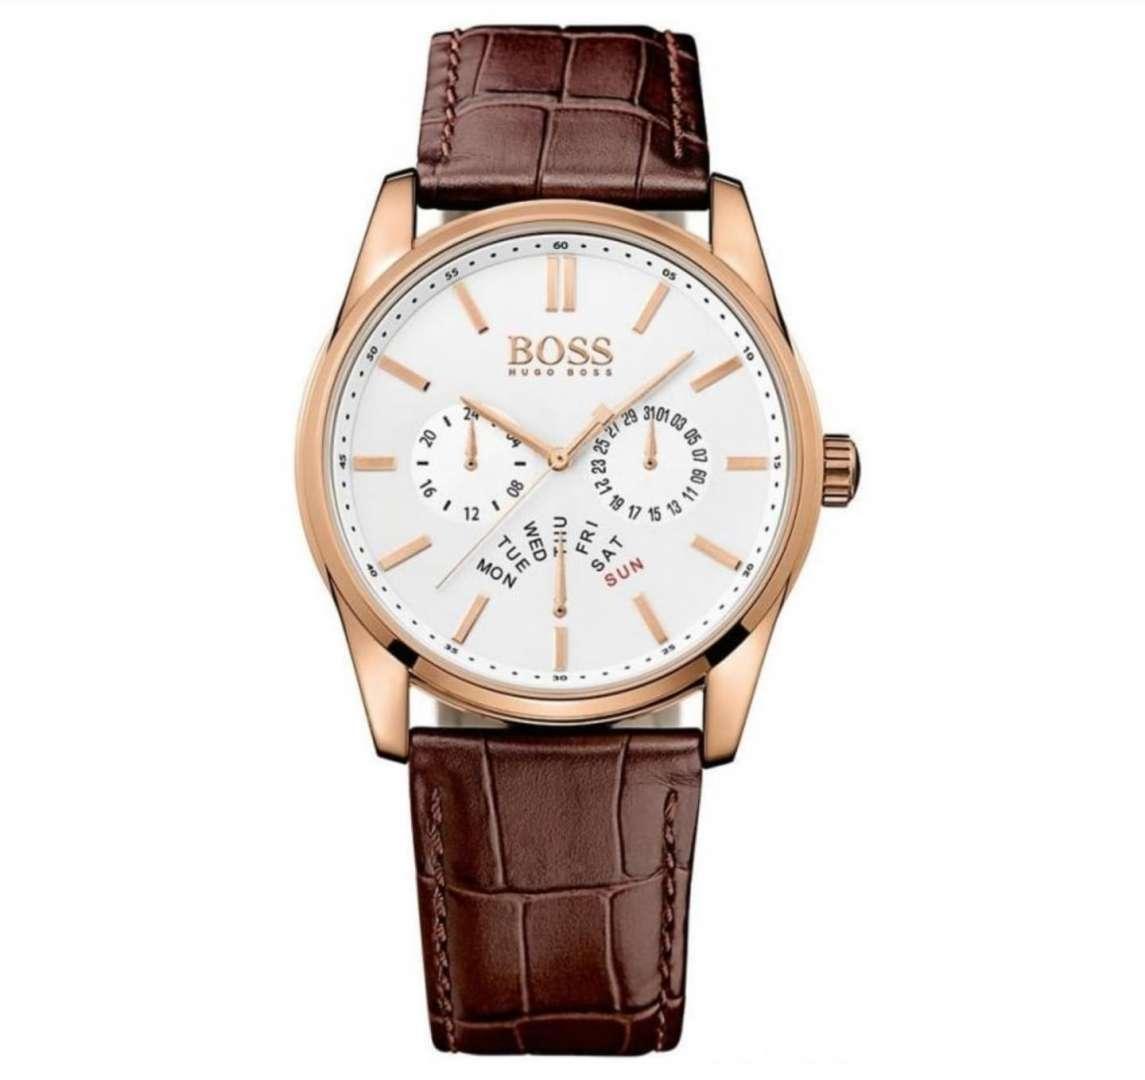 שעון יד אנלוגי לגבר hugo boss 1513125 הוגו בוס